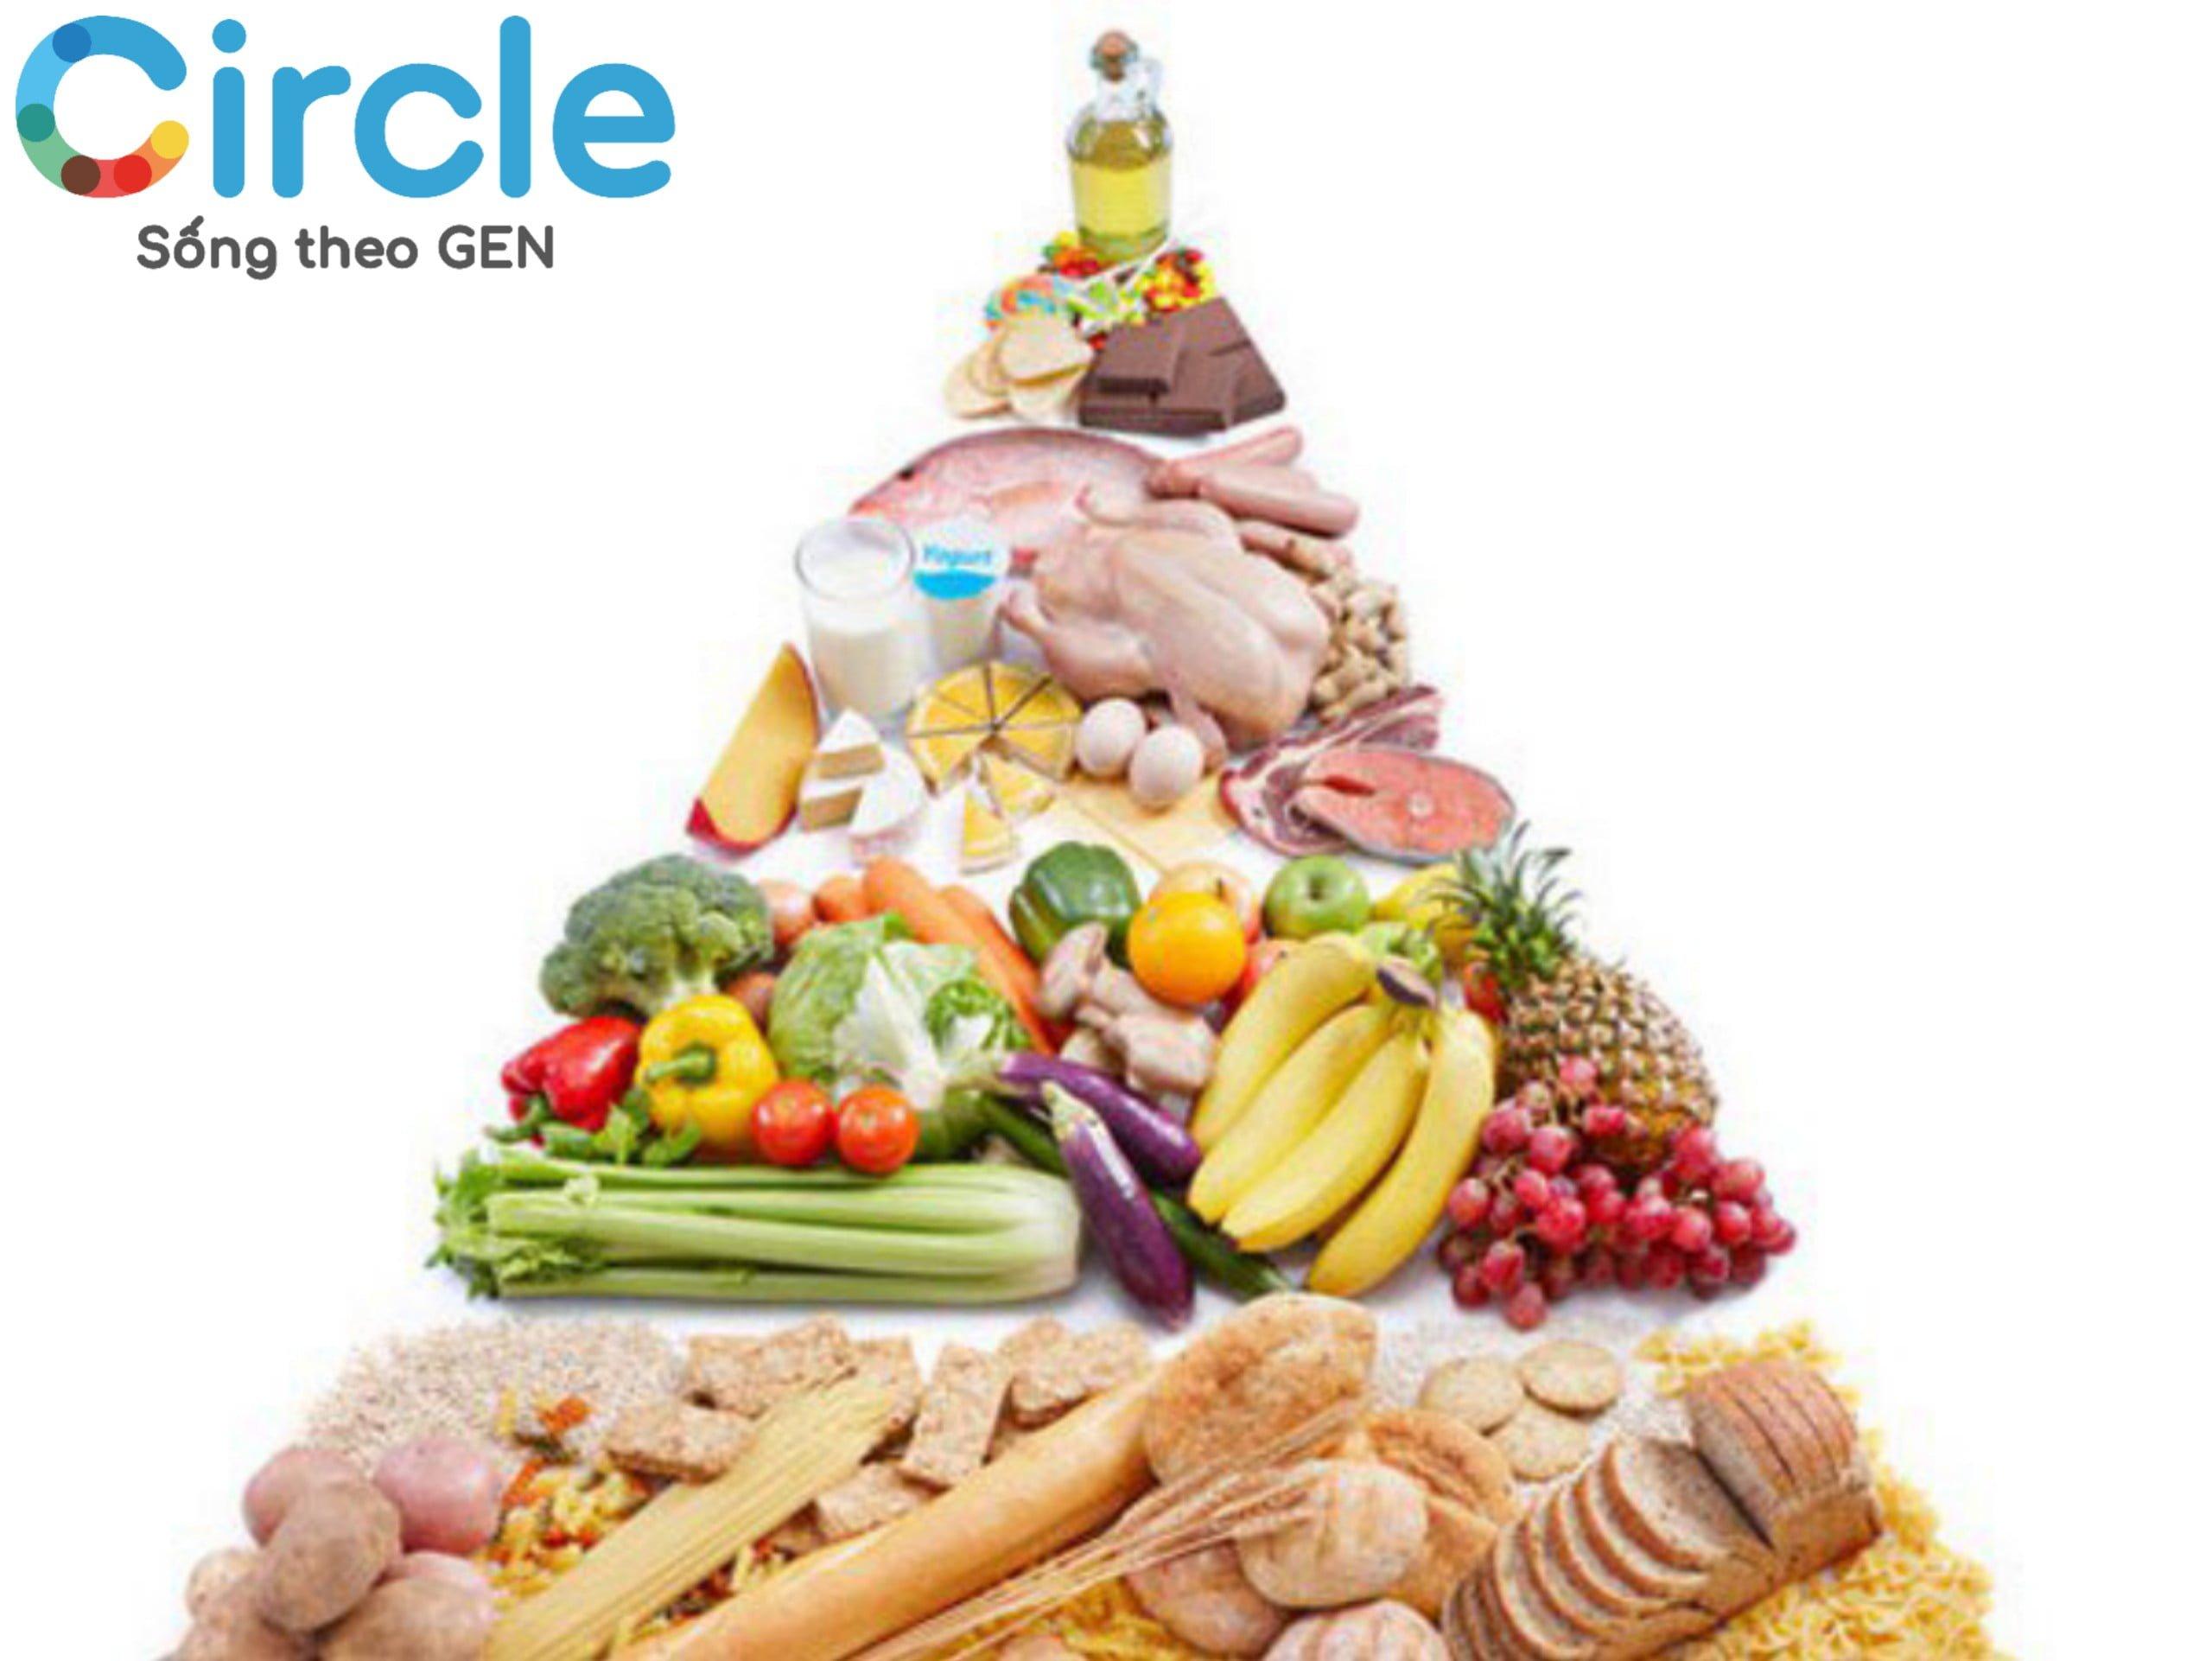 Luôn đảm bảo đầy đủ các chất dinh dưỡng trong chế độ ăn cho trẻ 5 tuổi để trẻ khoẻ mạnh và phát triển đạt chuẩn.